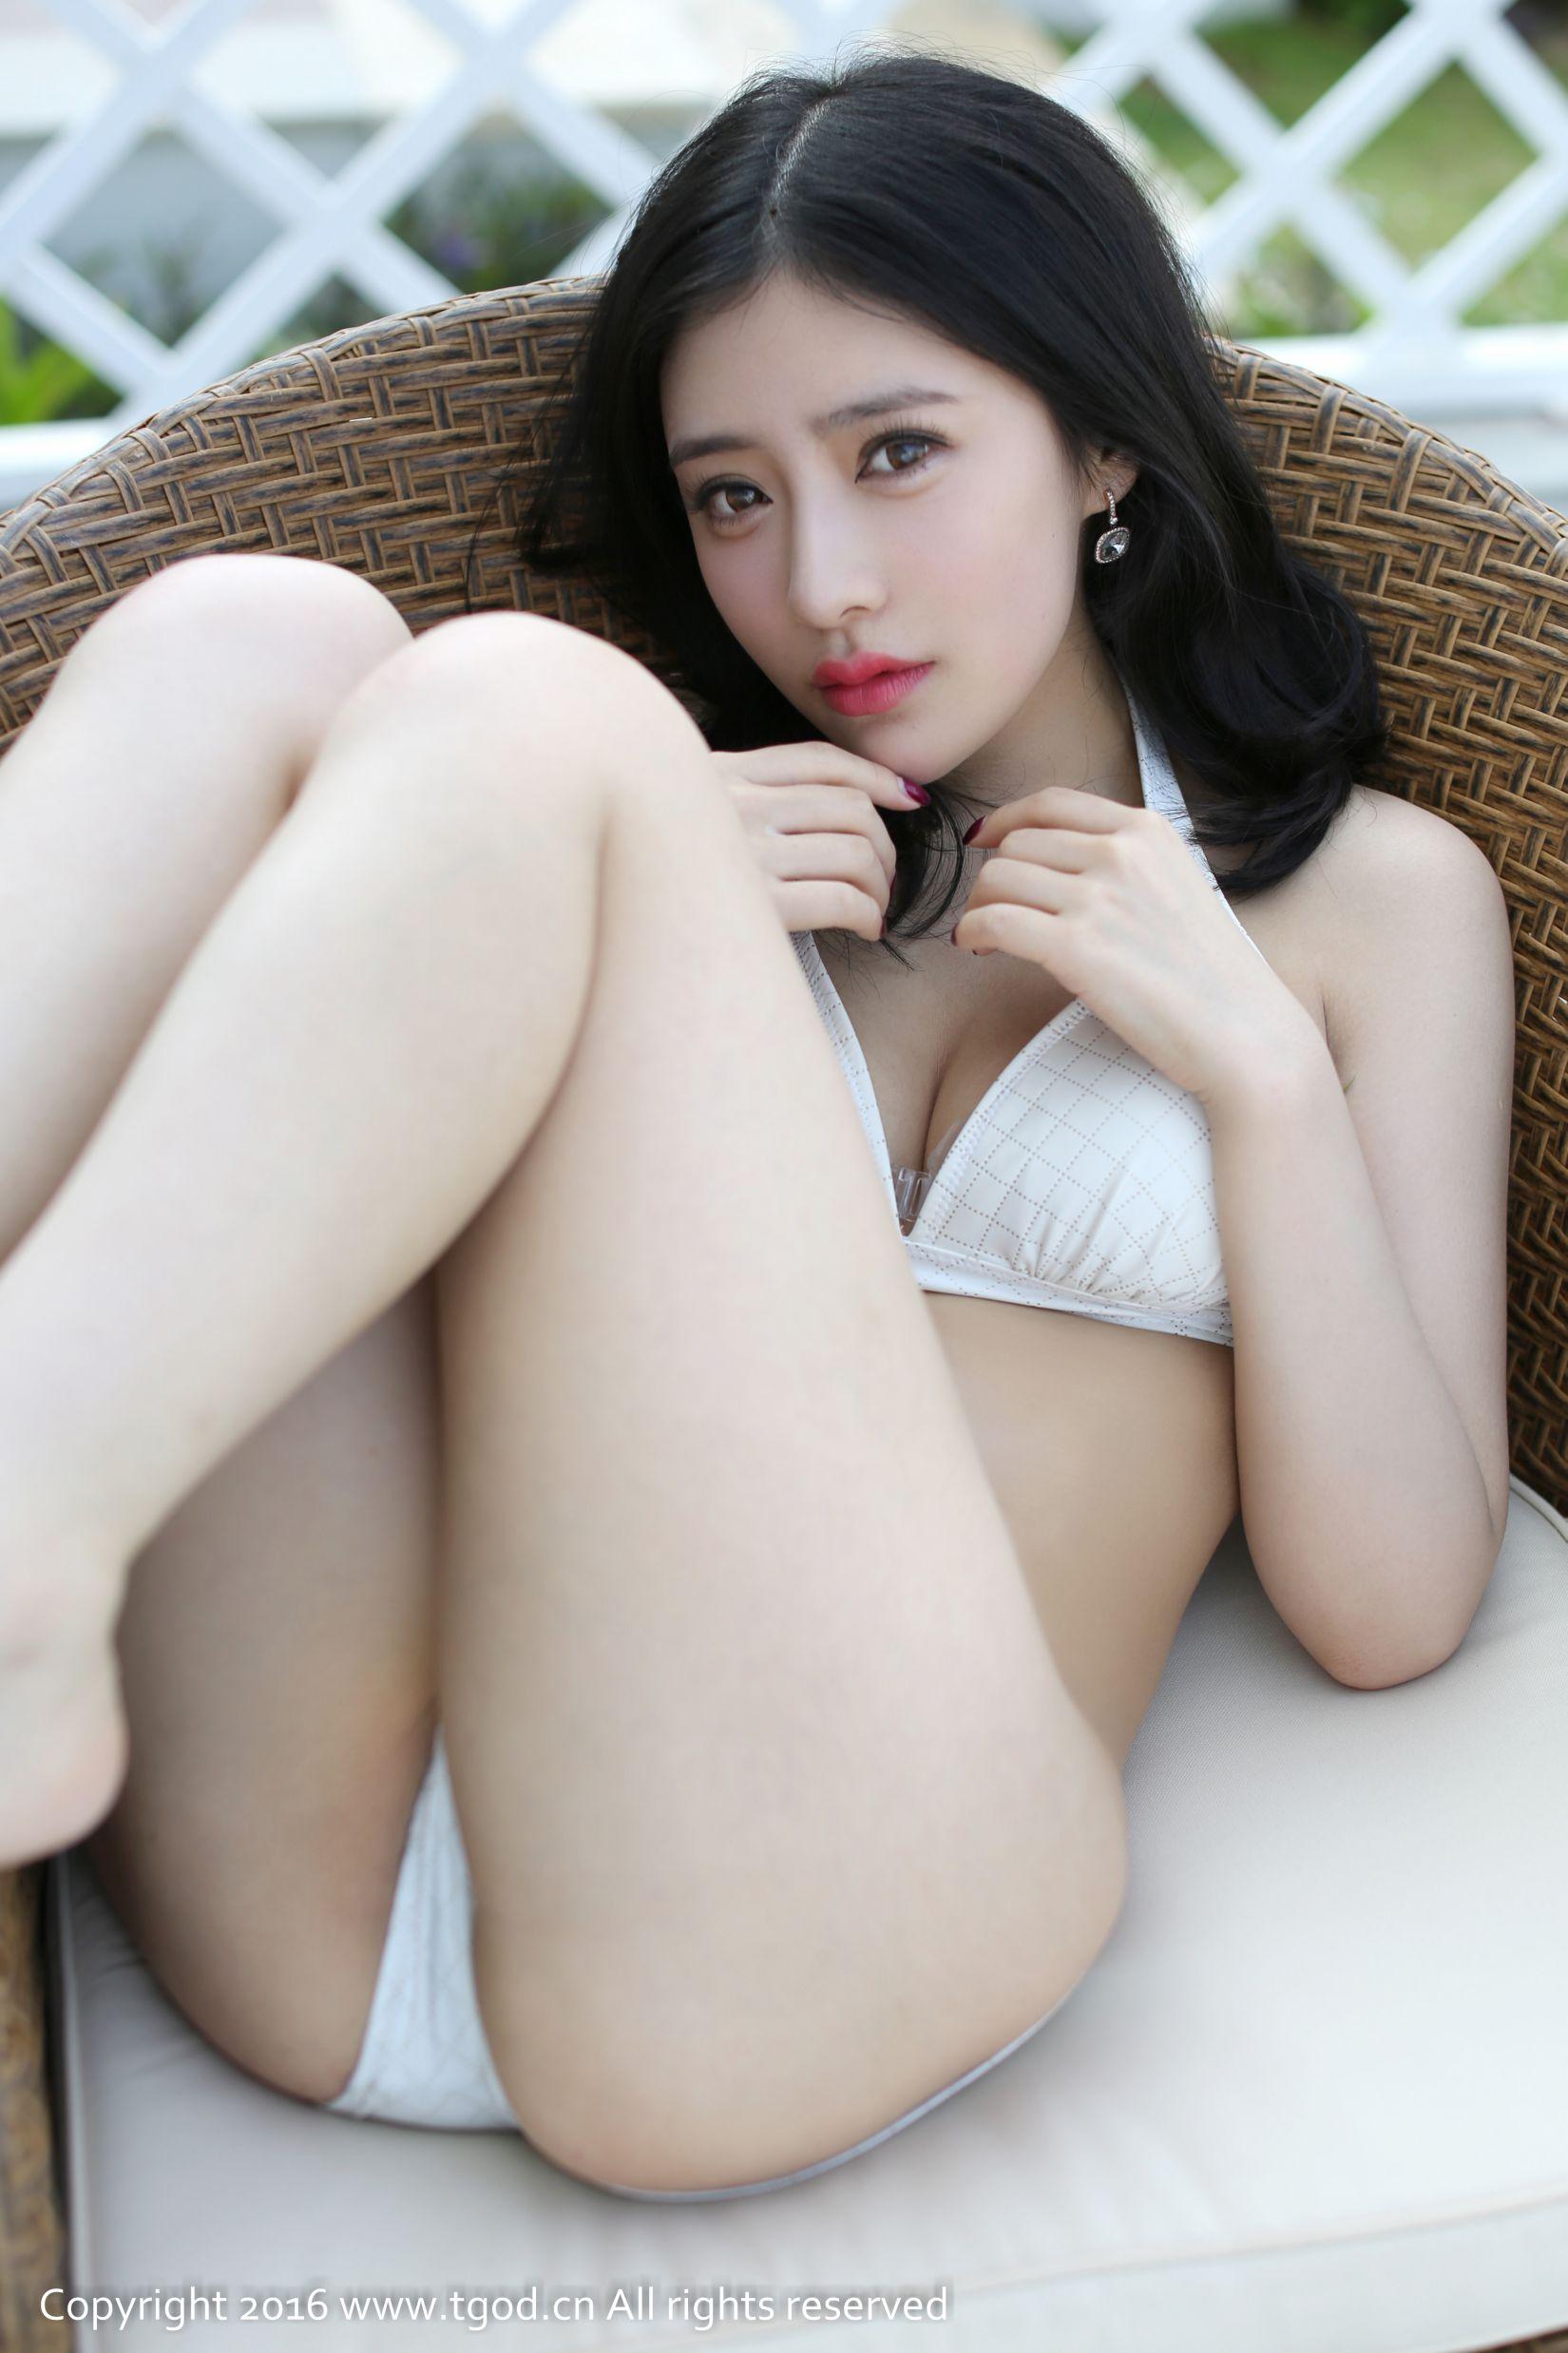 [尤蜜荟] 施忆佳KITTY酱  《芽庄旅拍》 第二刊 ~[41P]